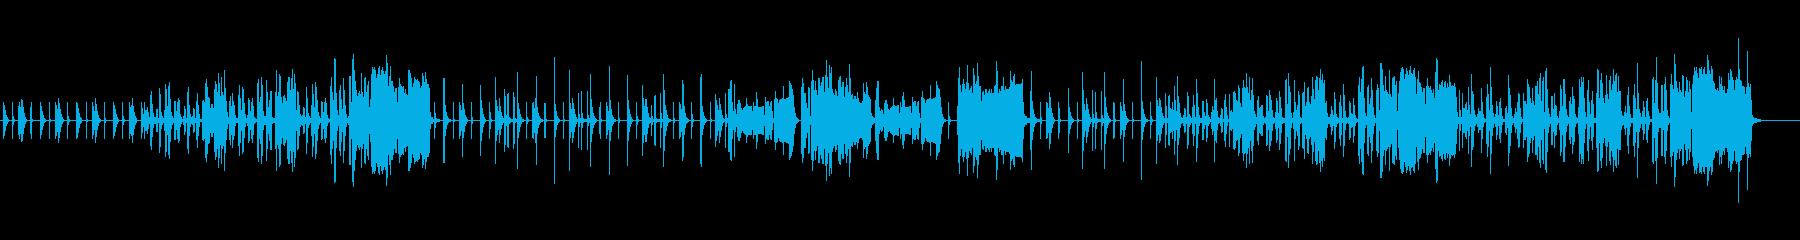 ほんわかしていてかわいい音楽の再生済みの波形